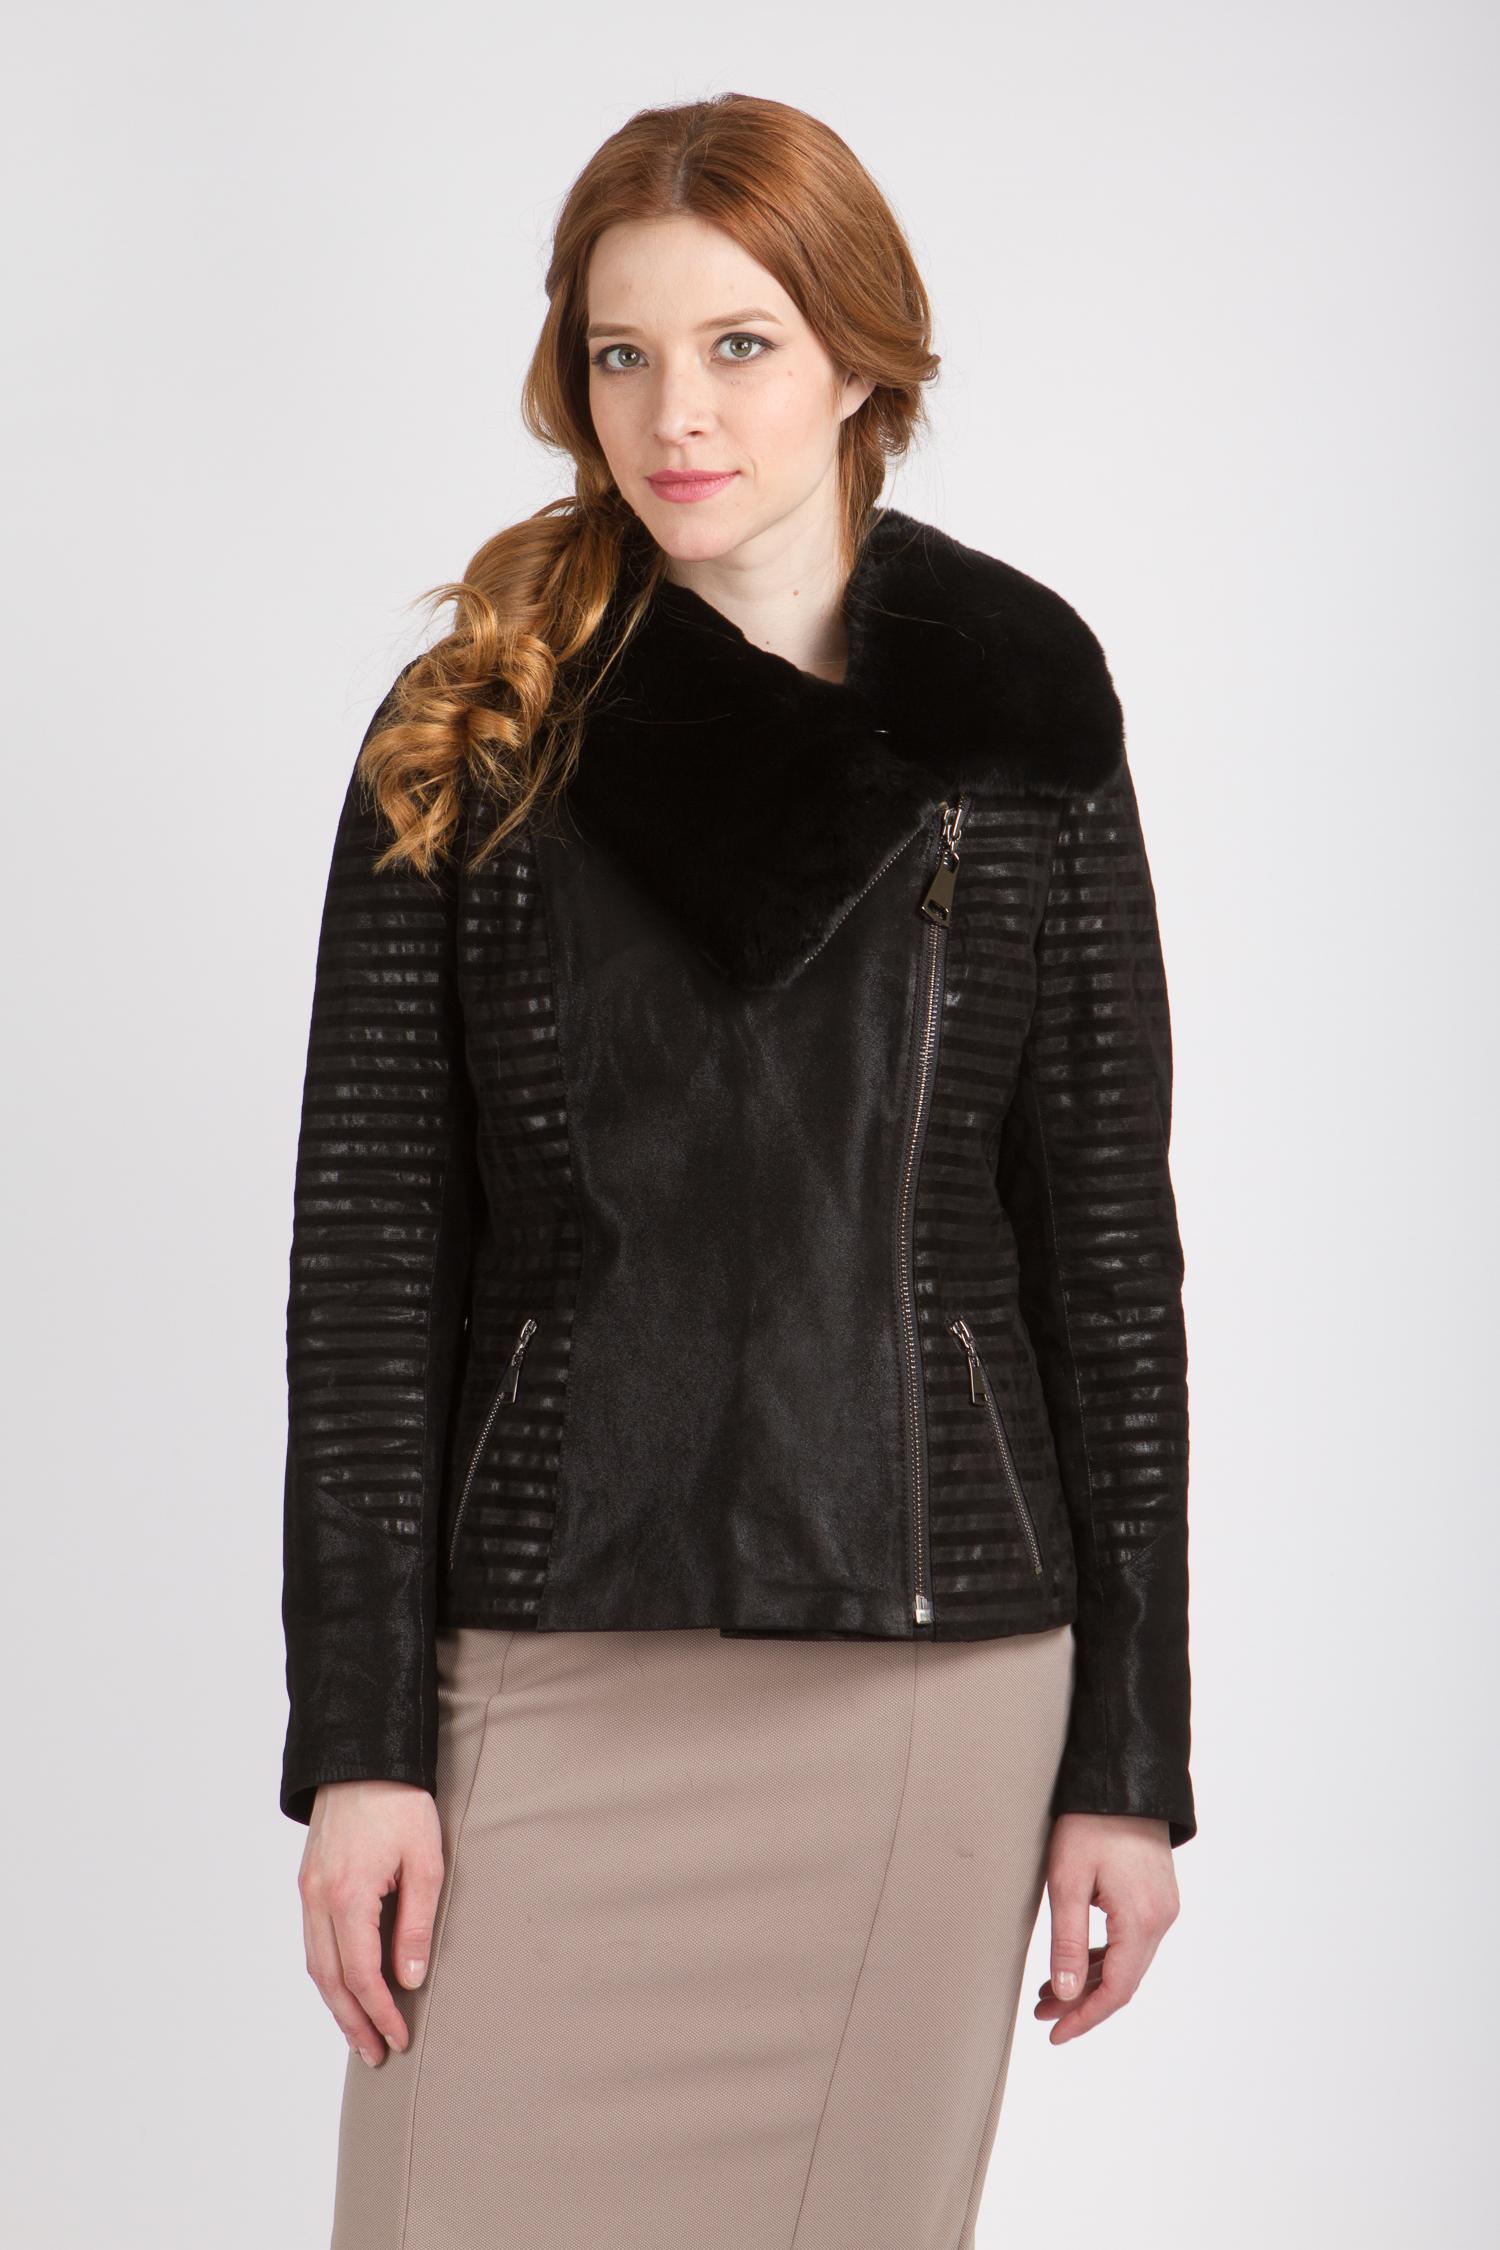 Женская кожаная куртка из натуральной кожи с воротником, отделка кролик<br><br>Длина см: Короткая (51-74 )<br>Материал: Кожа овчина<br>Цвет: черный<br>Застежка: на молнии<br>Пол: Женский<br>Размер RU: 52